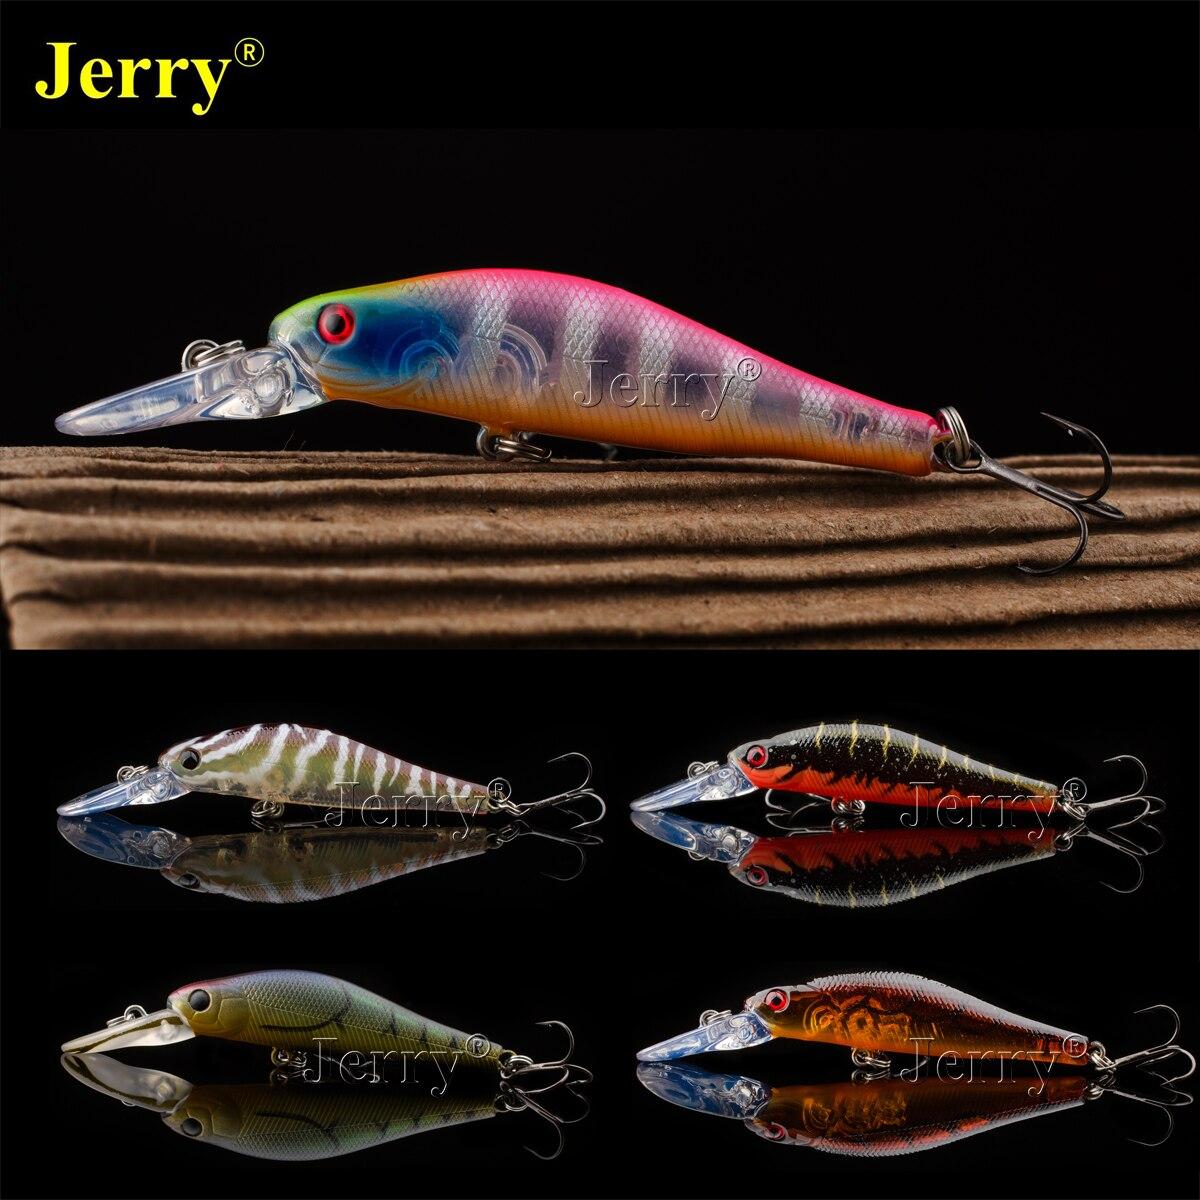 Jerry Japon minnow 5.5 cm/2.17in 4g BKK crochet profonde moyen plongée jerkbait crankbait dur leurre bait plug de pêche crank bait